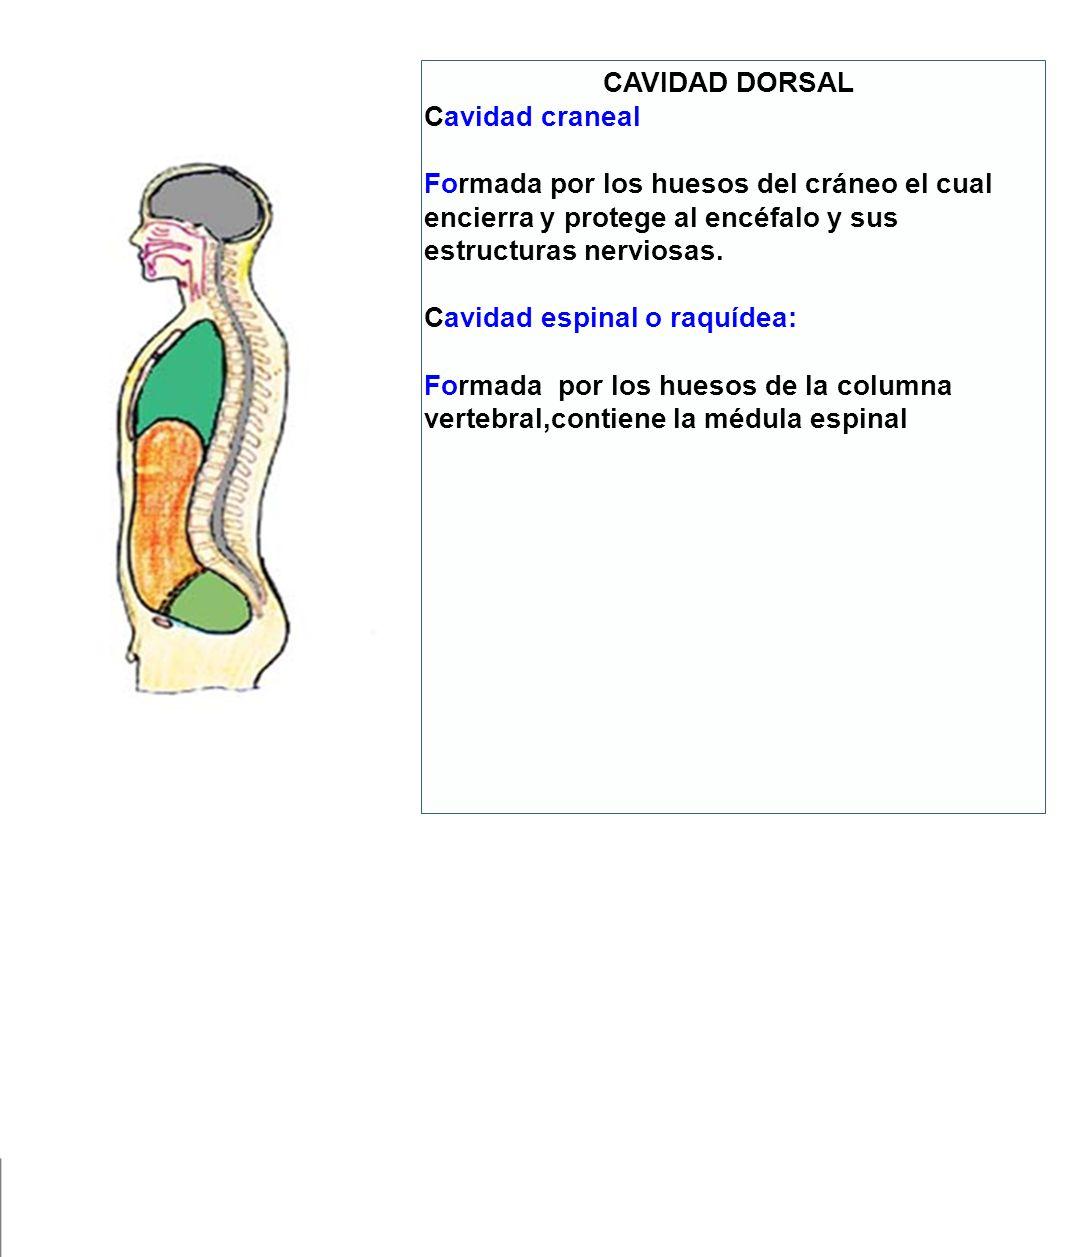 CAVIDAD DORSAL Cavidad craneal. Formada por los huesos del cráneo el cual encierra y protege al encéfalo y sus estructuras nerviosas.